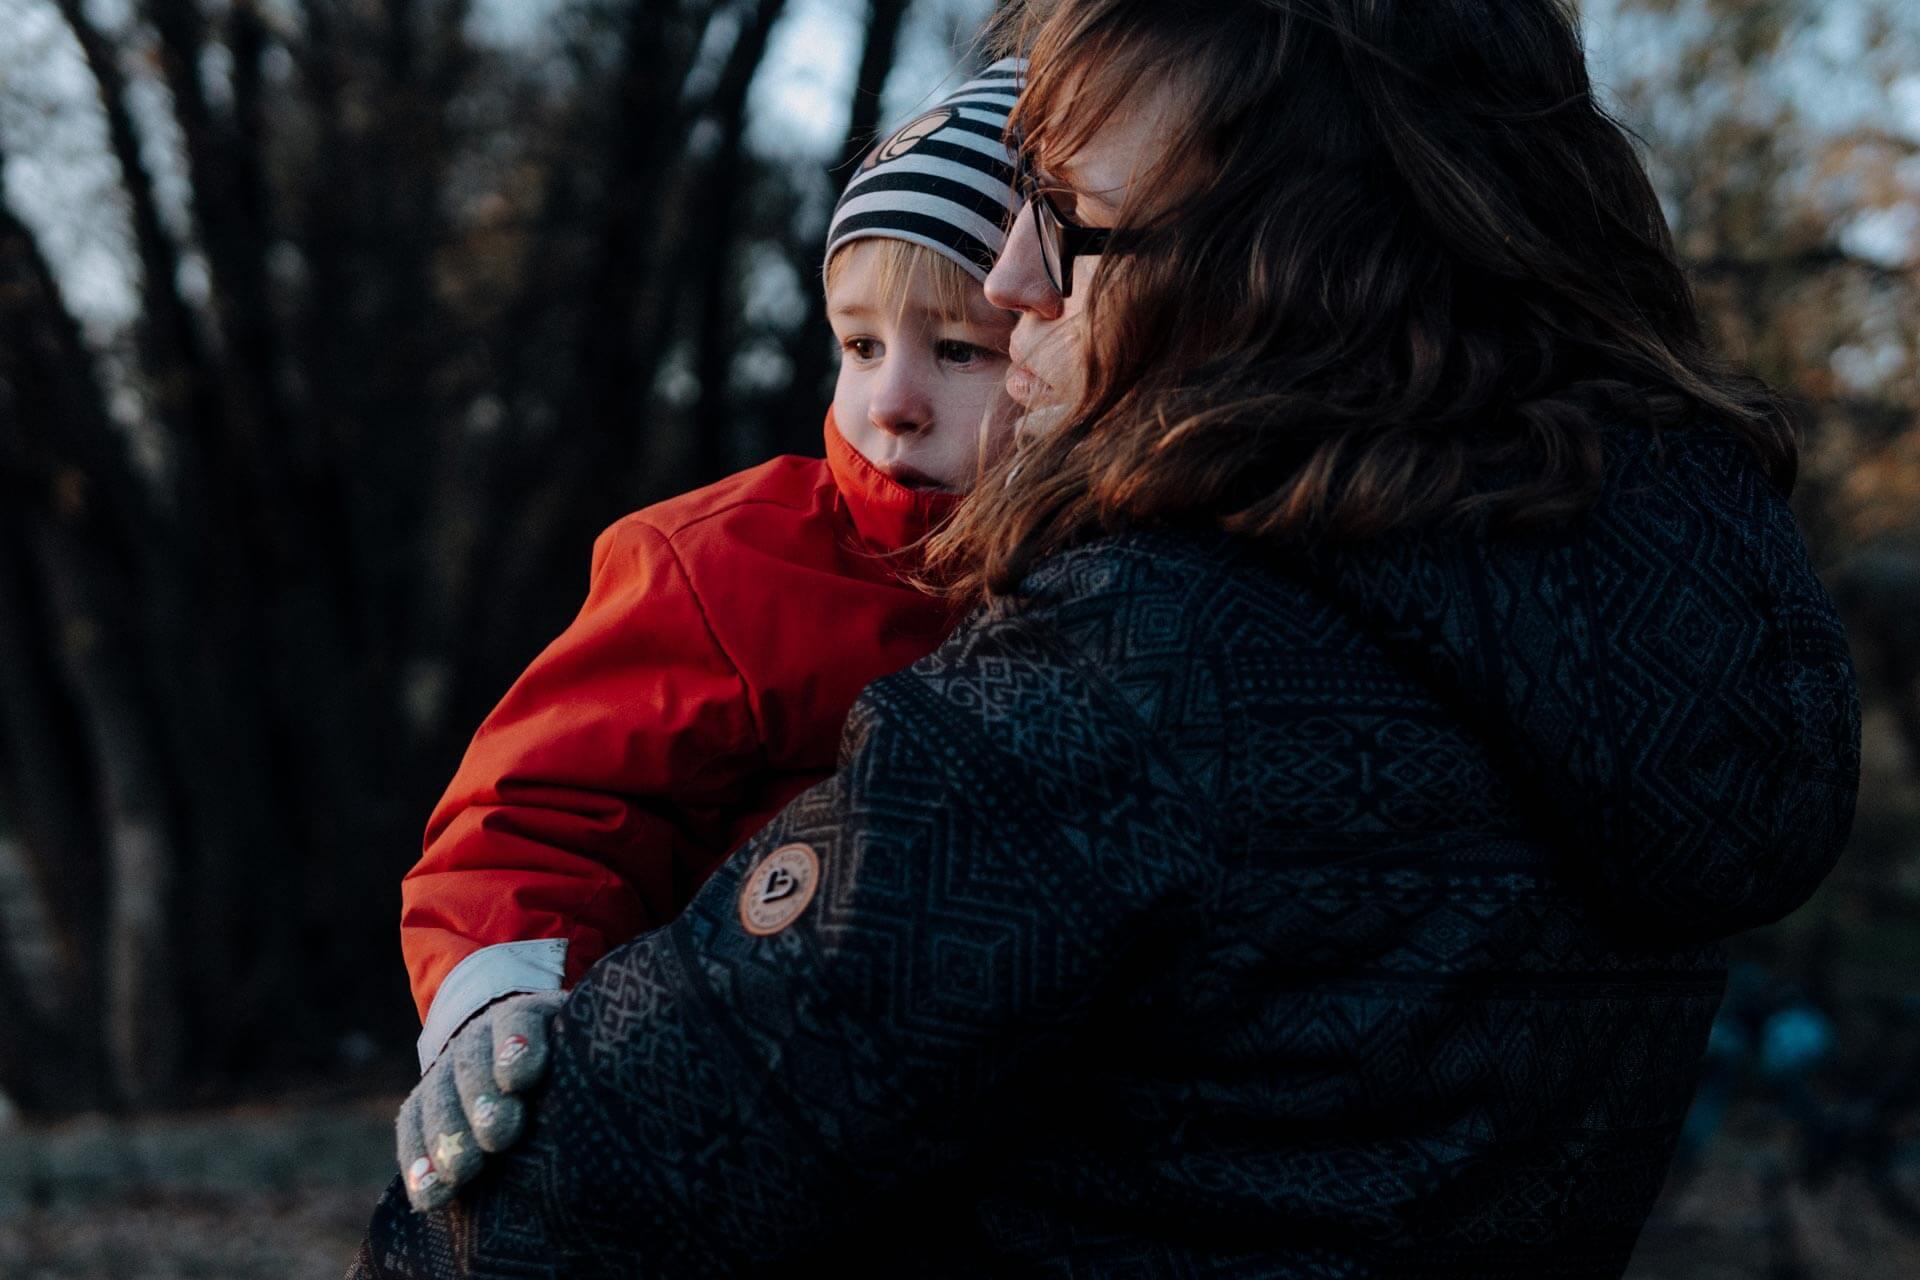 dokumentarische_familienfotografie_tabea_hoernlein_4_desktop